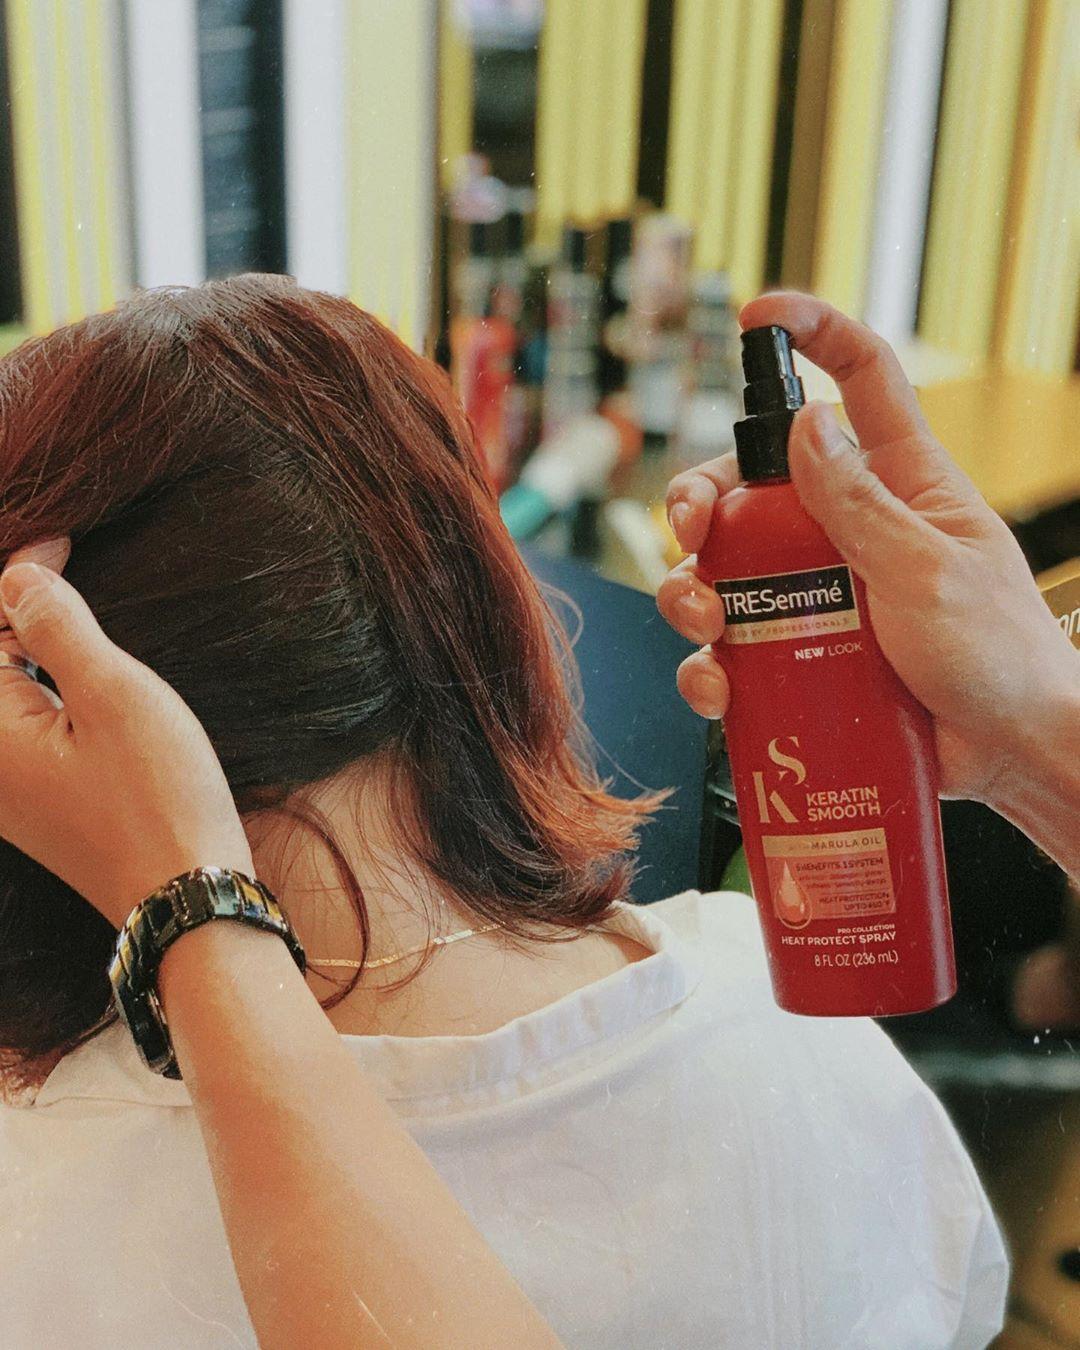 Màu tóc nhuộm-Sản phẩm xịt bảo vệ tóc TRESemmé Keratin Smooth.